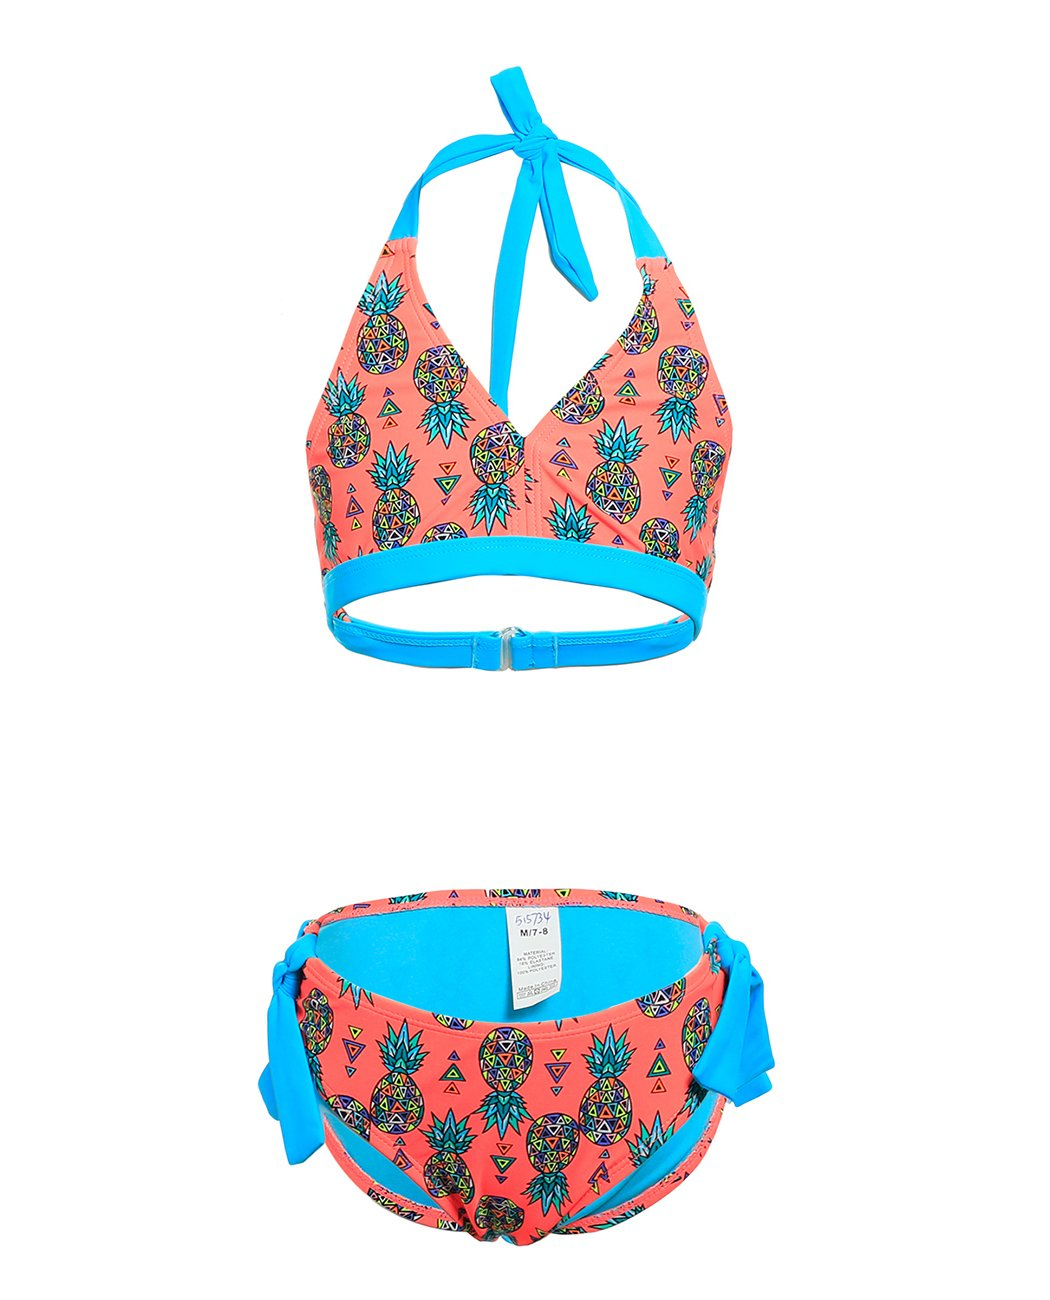 iDrawl Two Piece Swimwear, Pineapple Beach Sport Swimsuit Bathing Suit for Girls